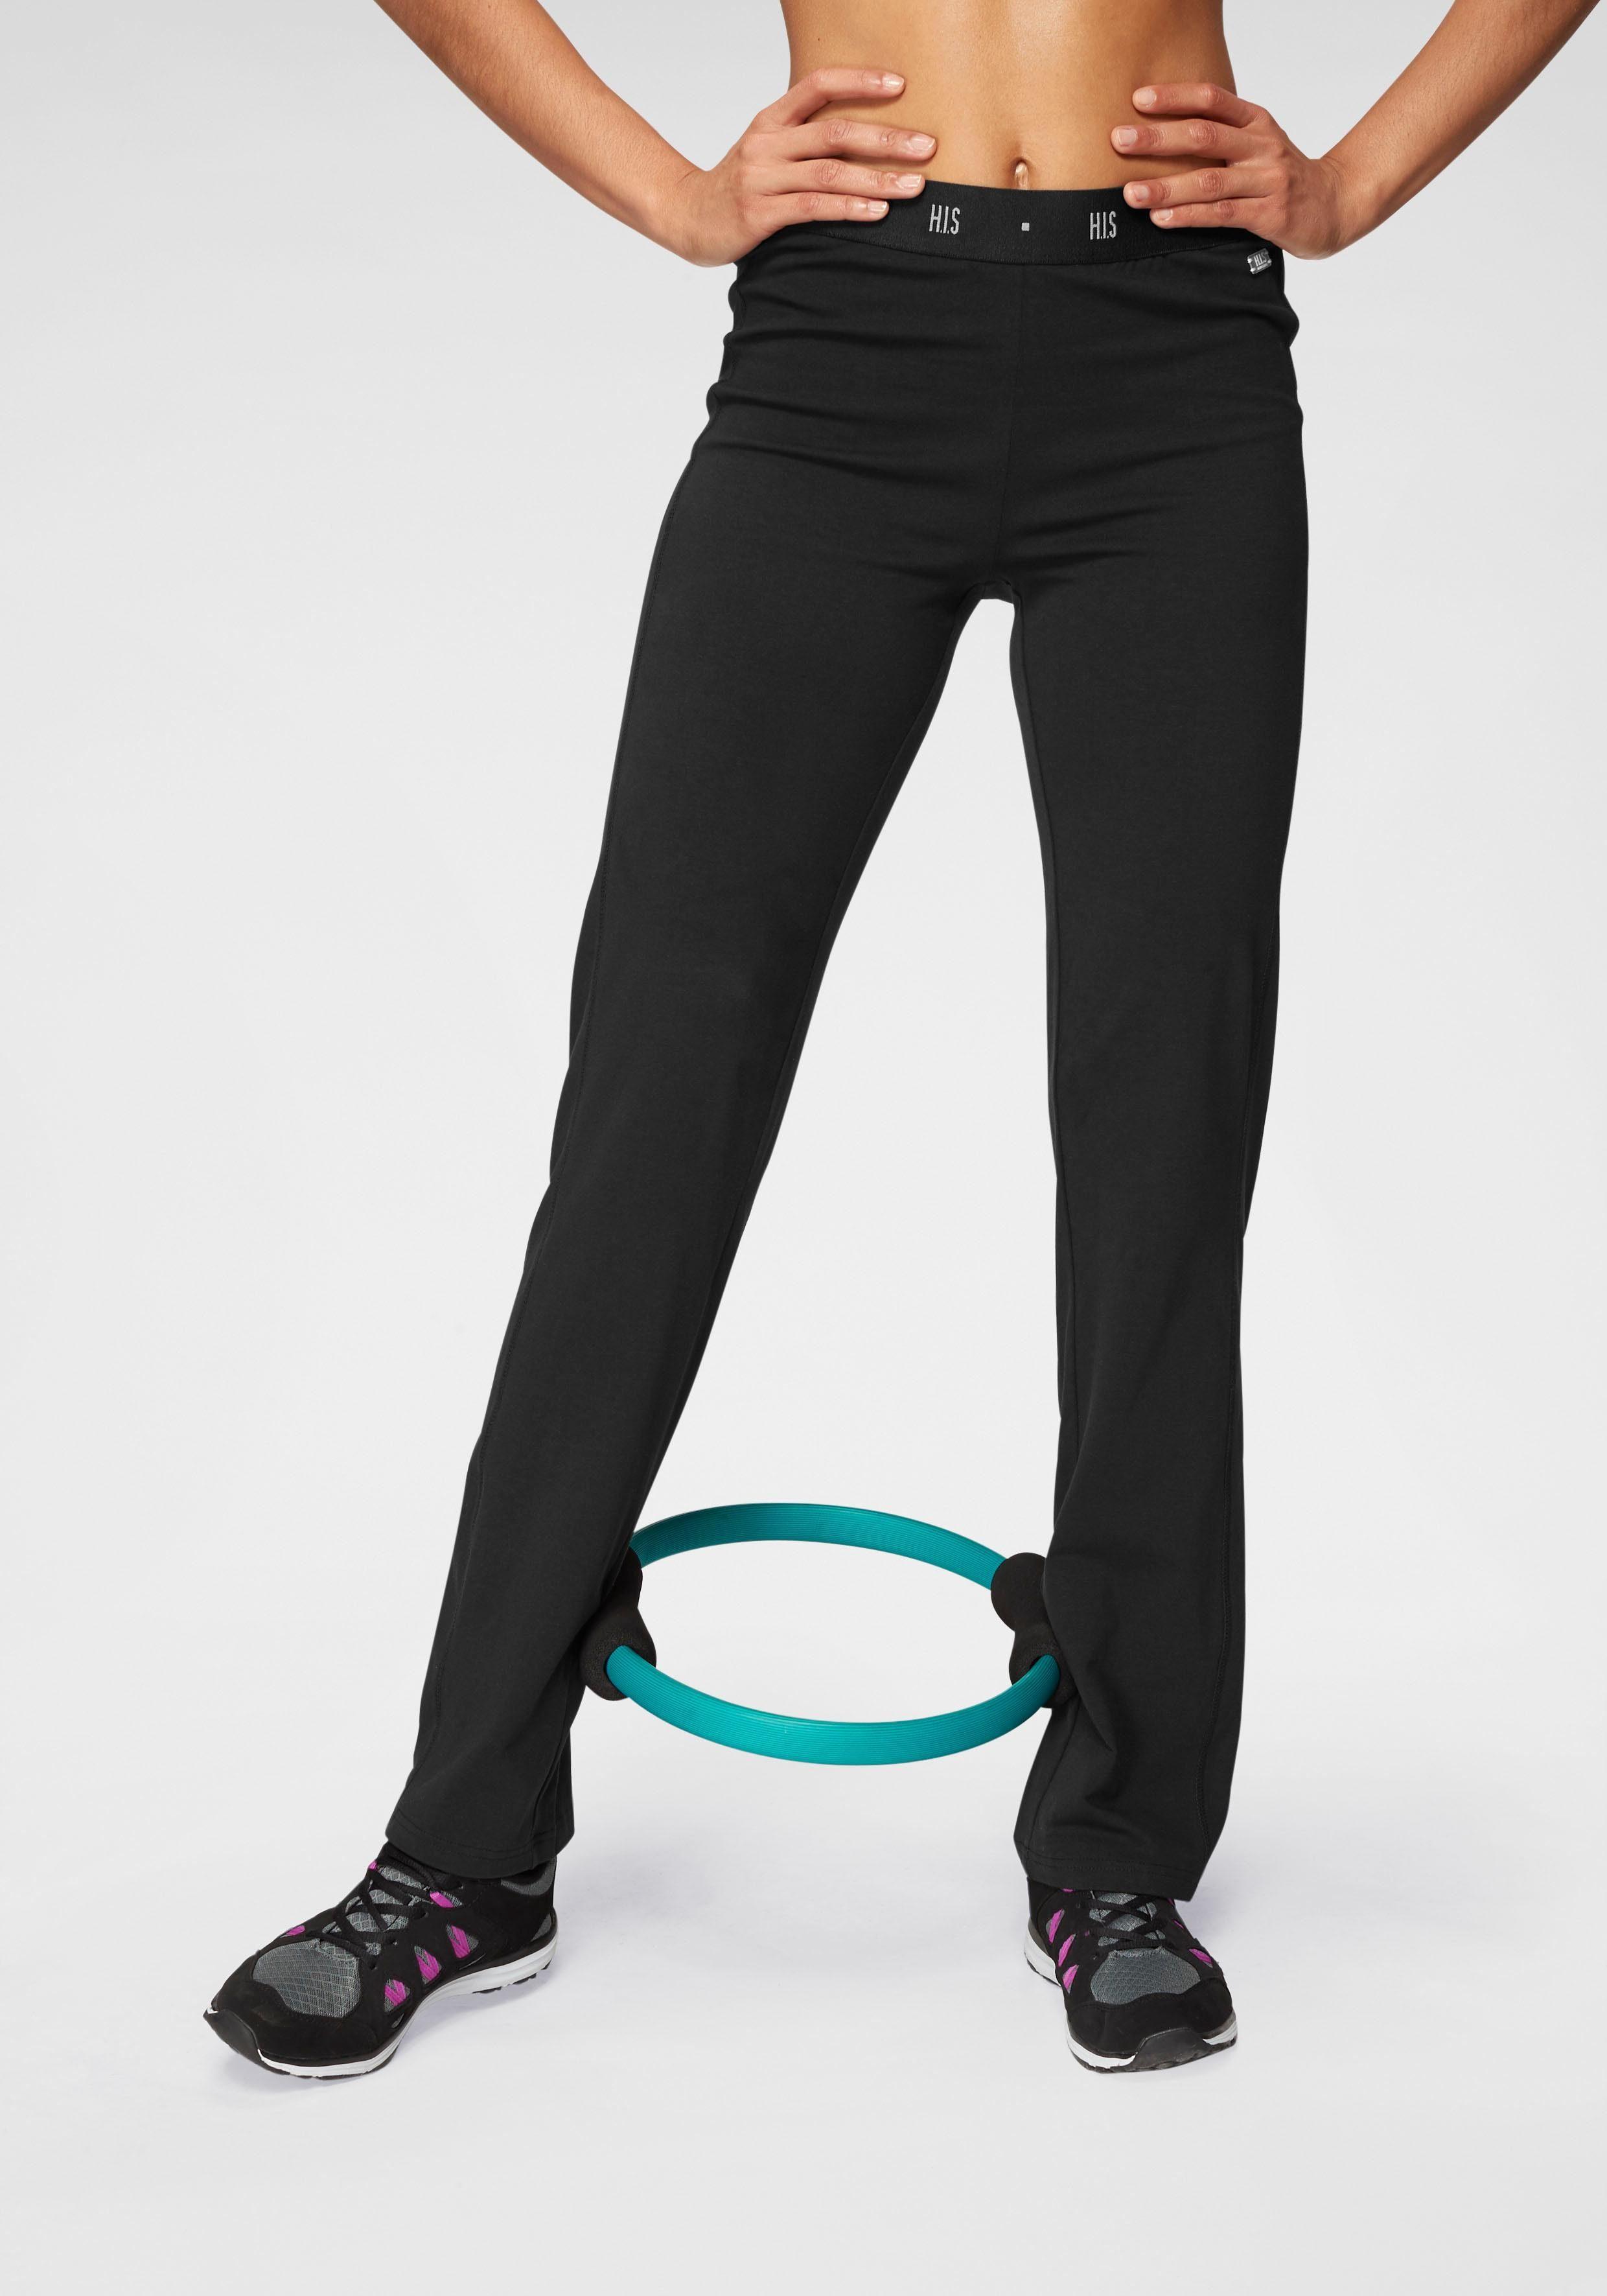 H.I.S Jazzpants, Elastischer Gummibund mit eingewebtem Logo